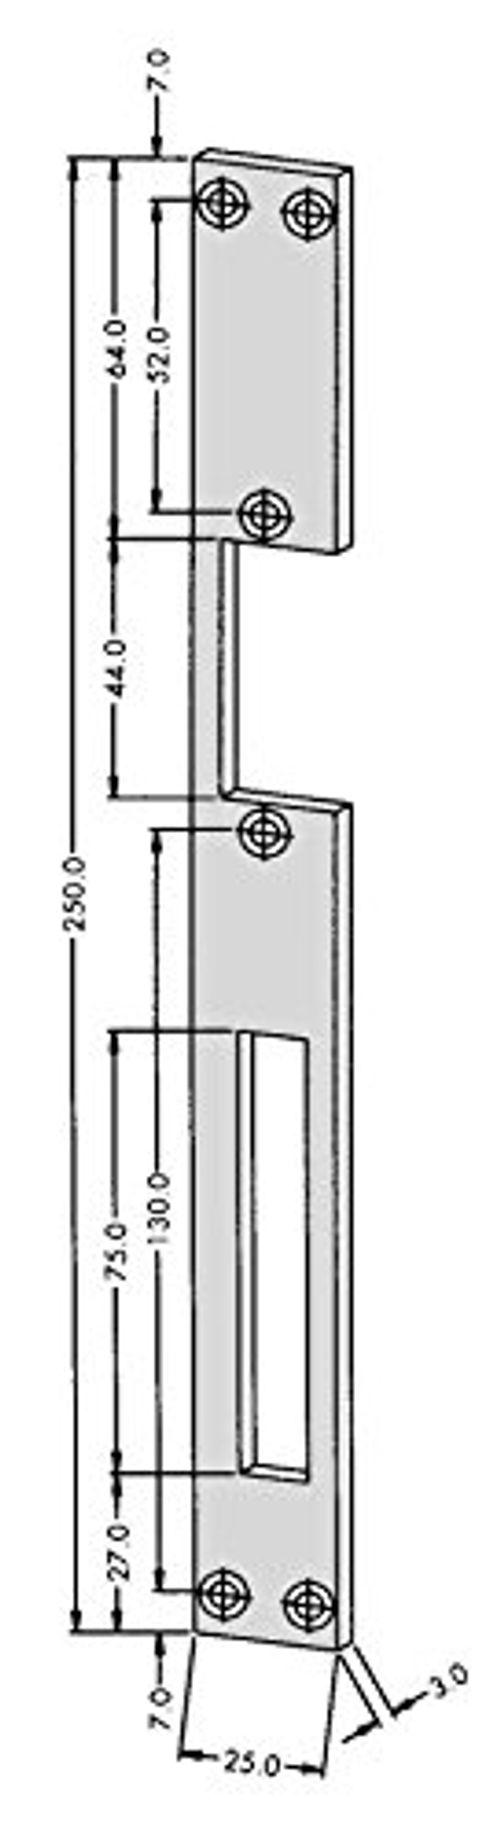 photo Wallpaper of Bever-Elektrischer Türöffner PESO 300 GA Mit Flachschließblech Und Entriegelungshebel, 6-